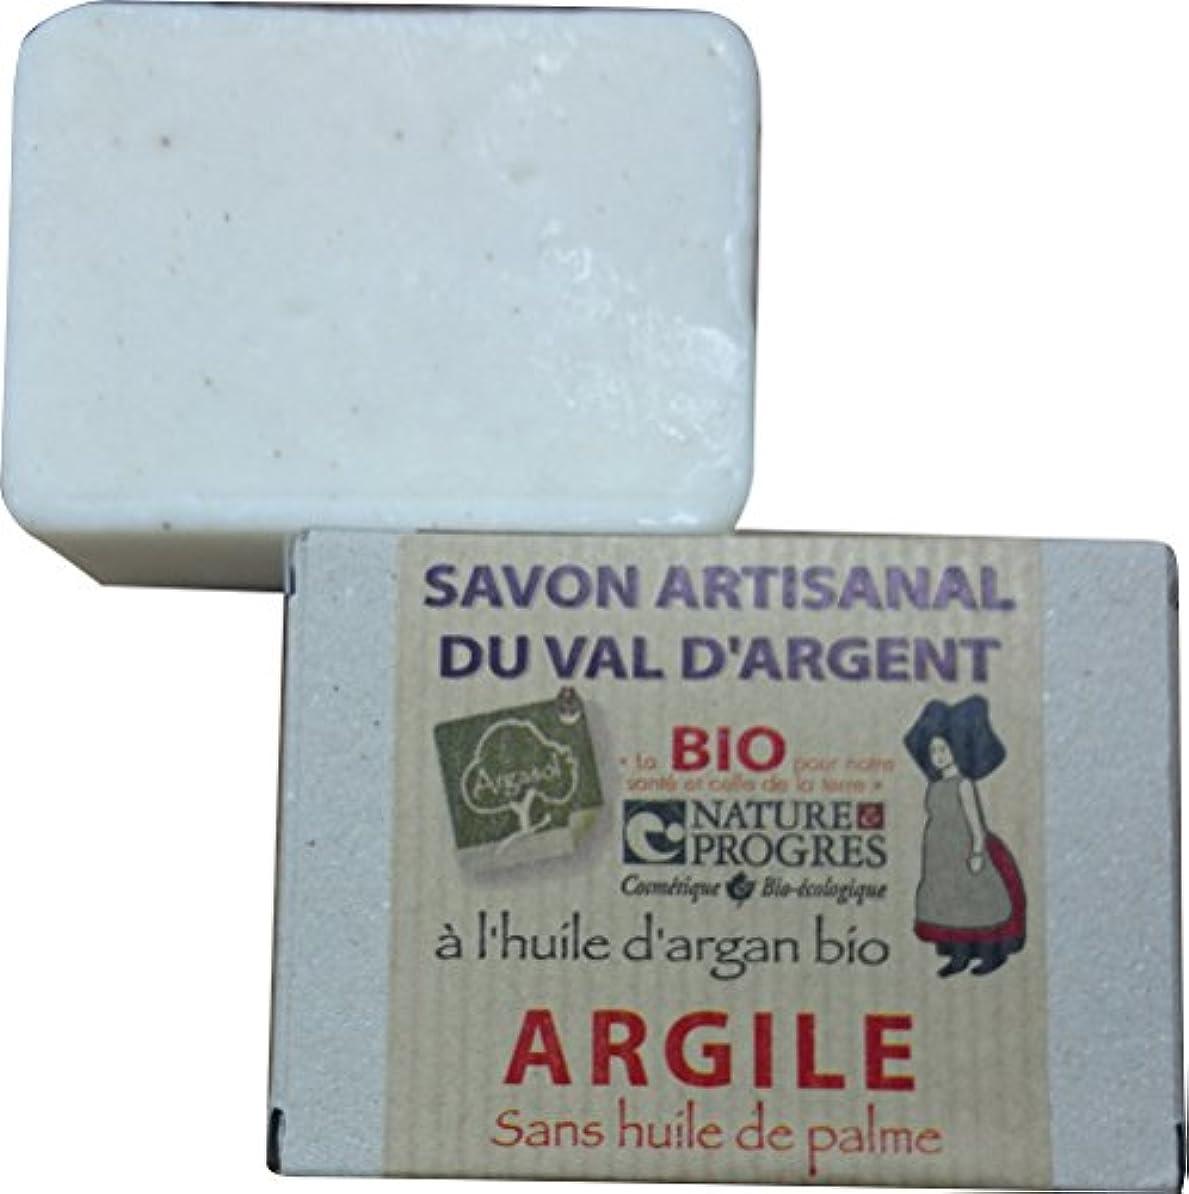 流す表現ジャムサボン アルガソル(SAVON ARGASOL) クレイ